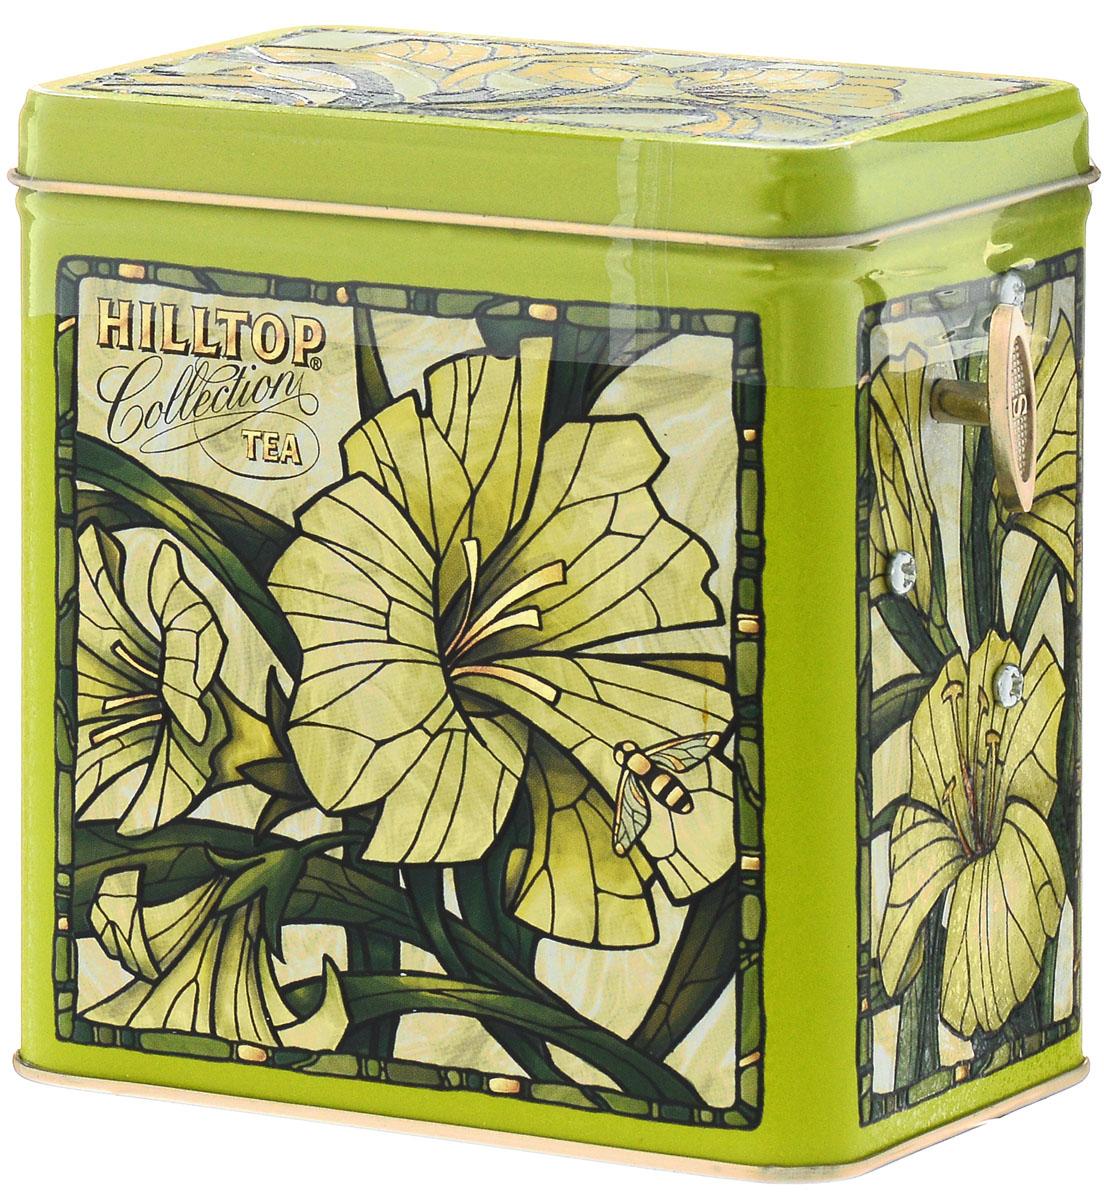 Hilltop Лилии Зеленая симфония набор зеленого листового чая в музыкальной шкатулке, 125 г4607099301047Hilltop Лилии Зеленая симфония - свежий зеленый китайский чай Сенча с лепестками календулы и мальвы. Оригинальная упаковка в виде музыкальной шкатулки будет великолепно смотреться на семейном застолье.